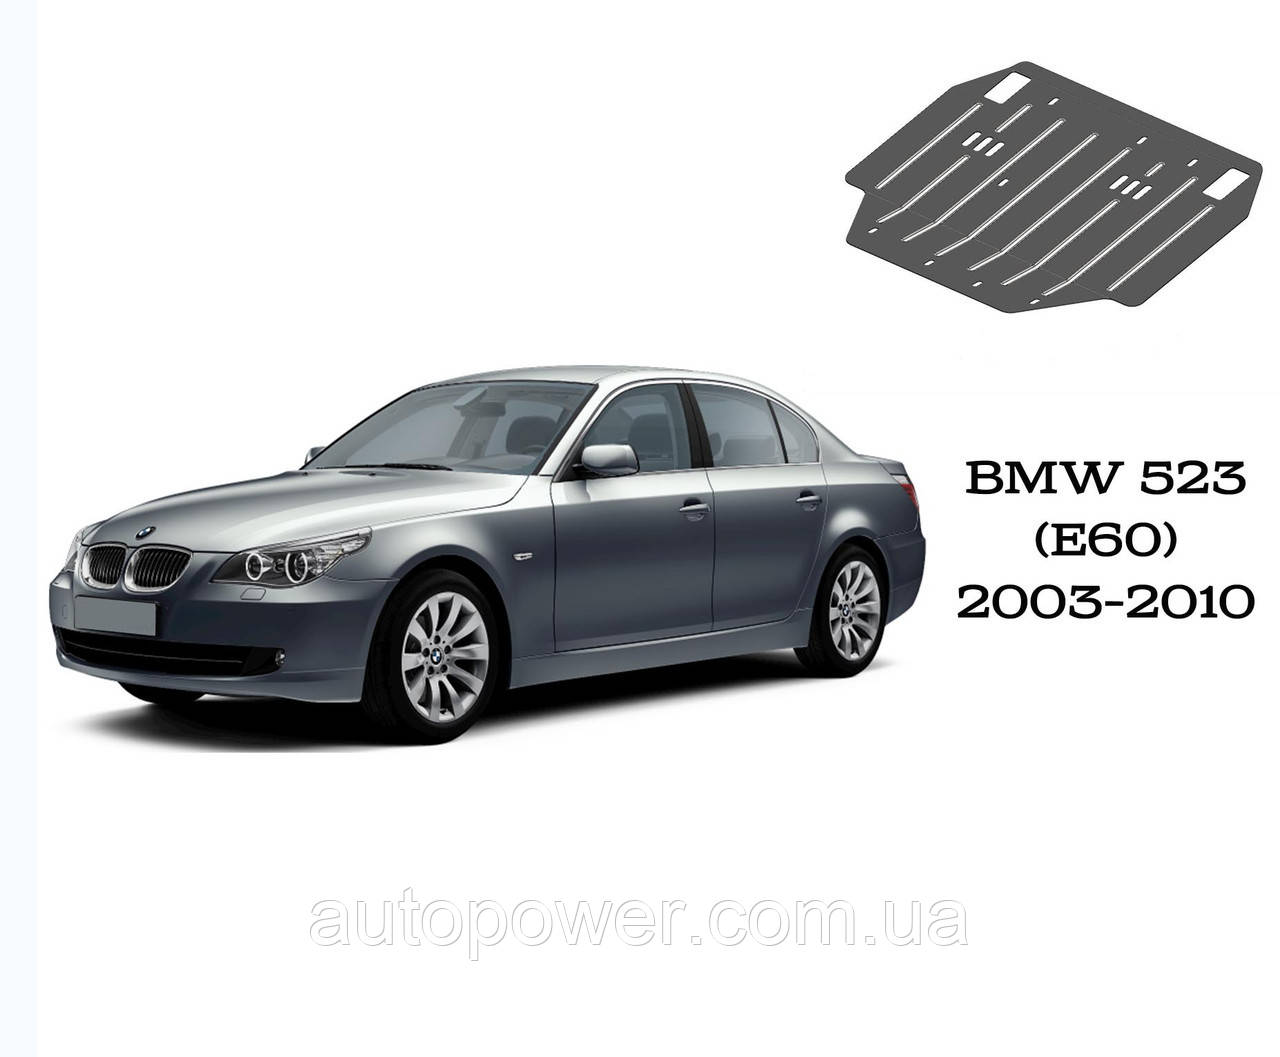 Защита двигателя BMW 523 (Е60) АКПП V-2,5 2003-2010